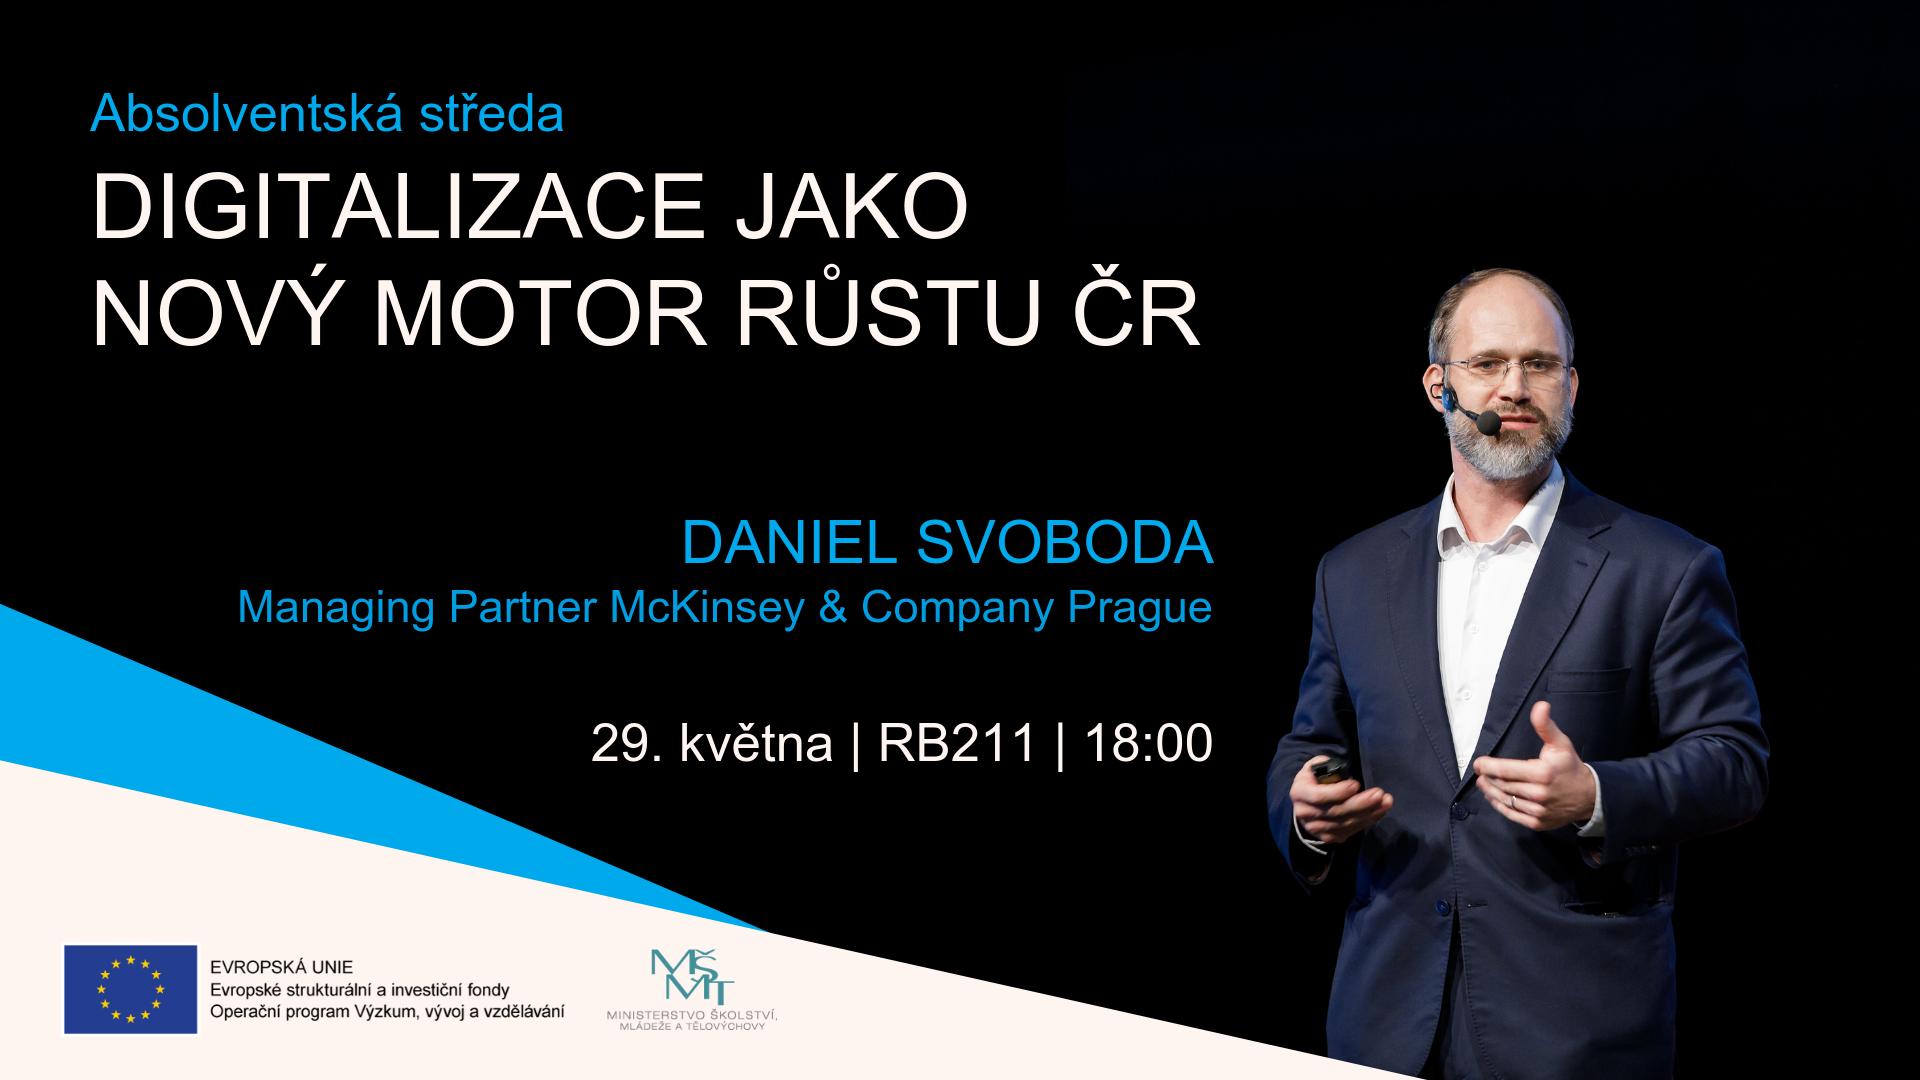 Absolventská středa: Digitalizace jako nový motor růstu ČR /29. 5./